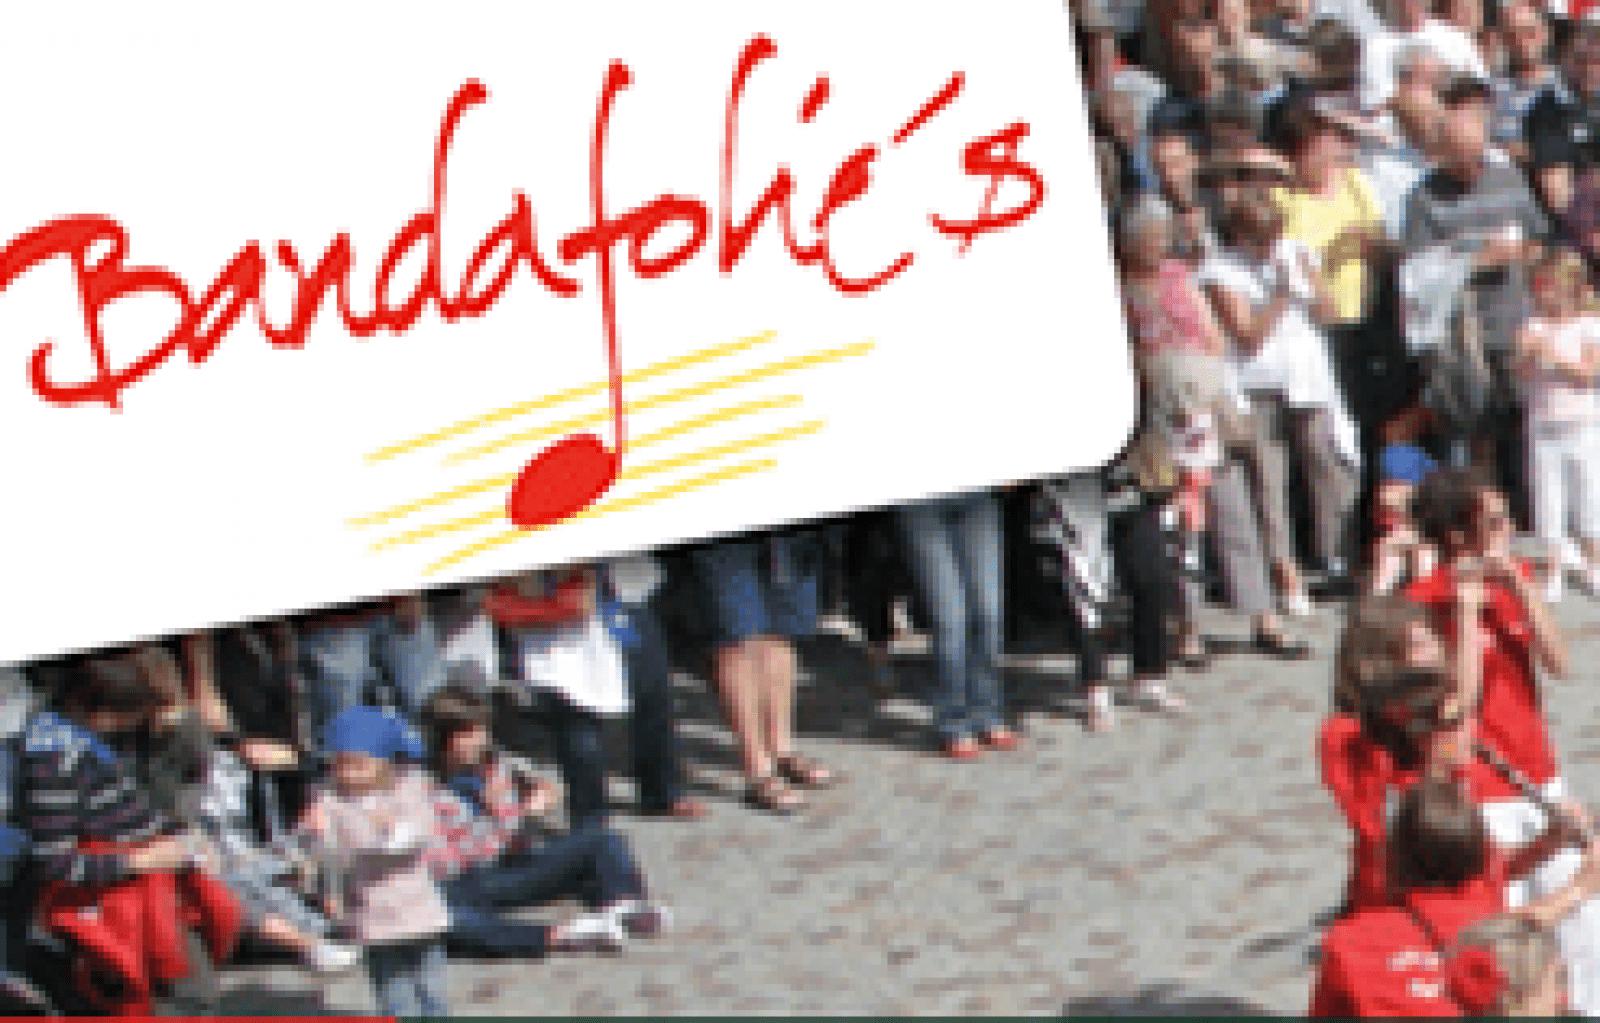 BANDAFOLIE'S